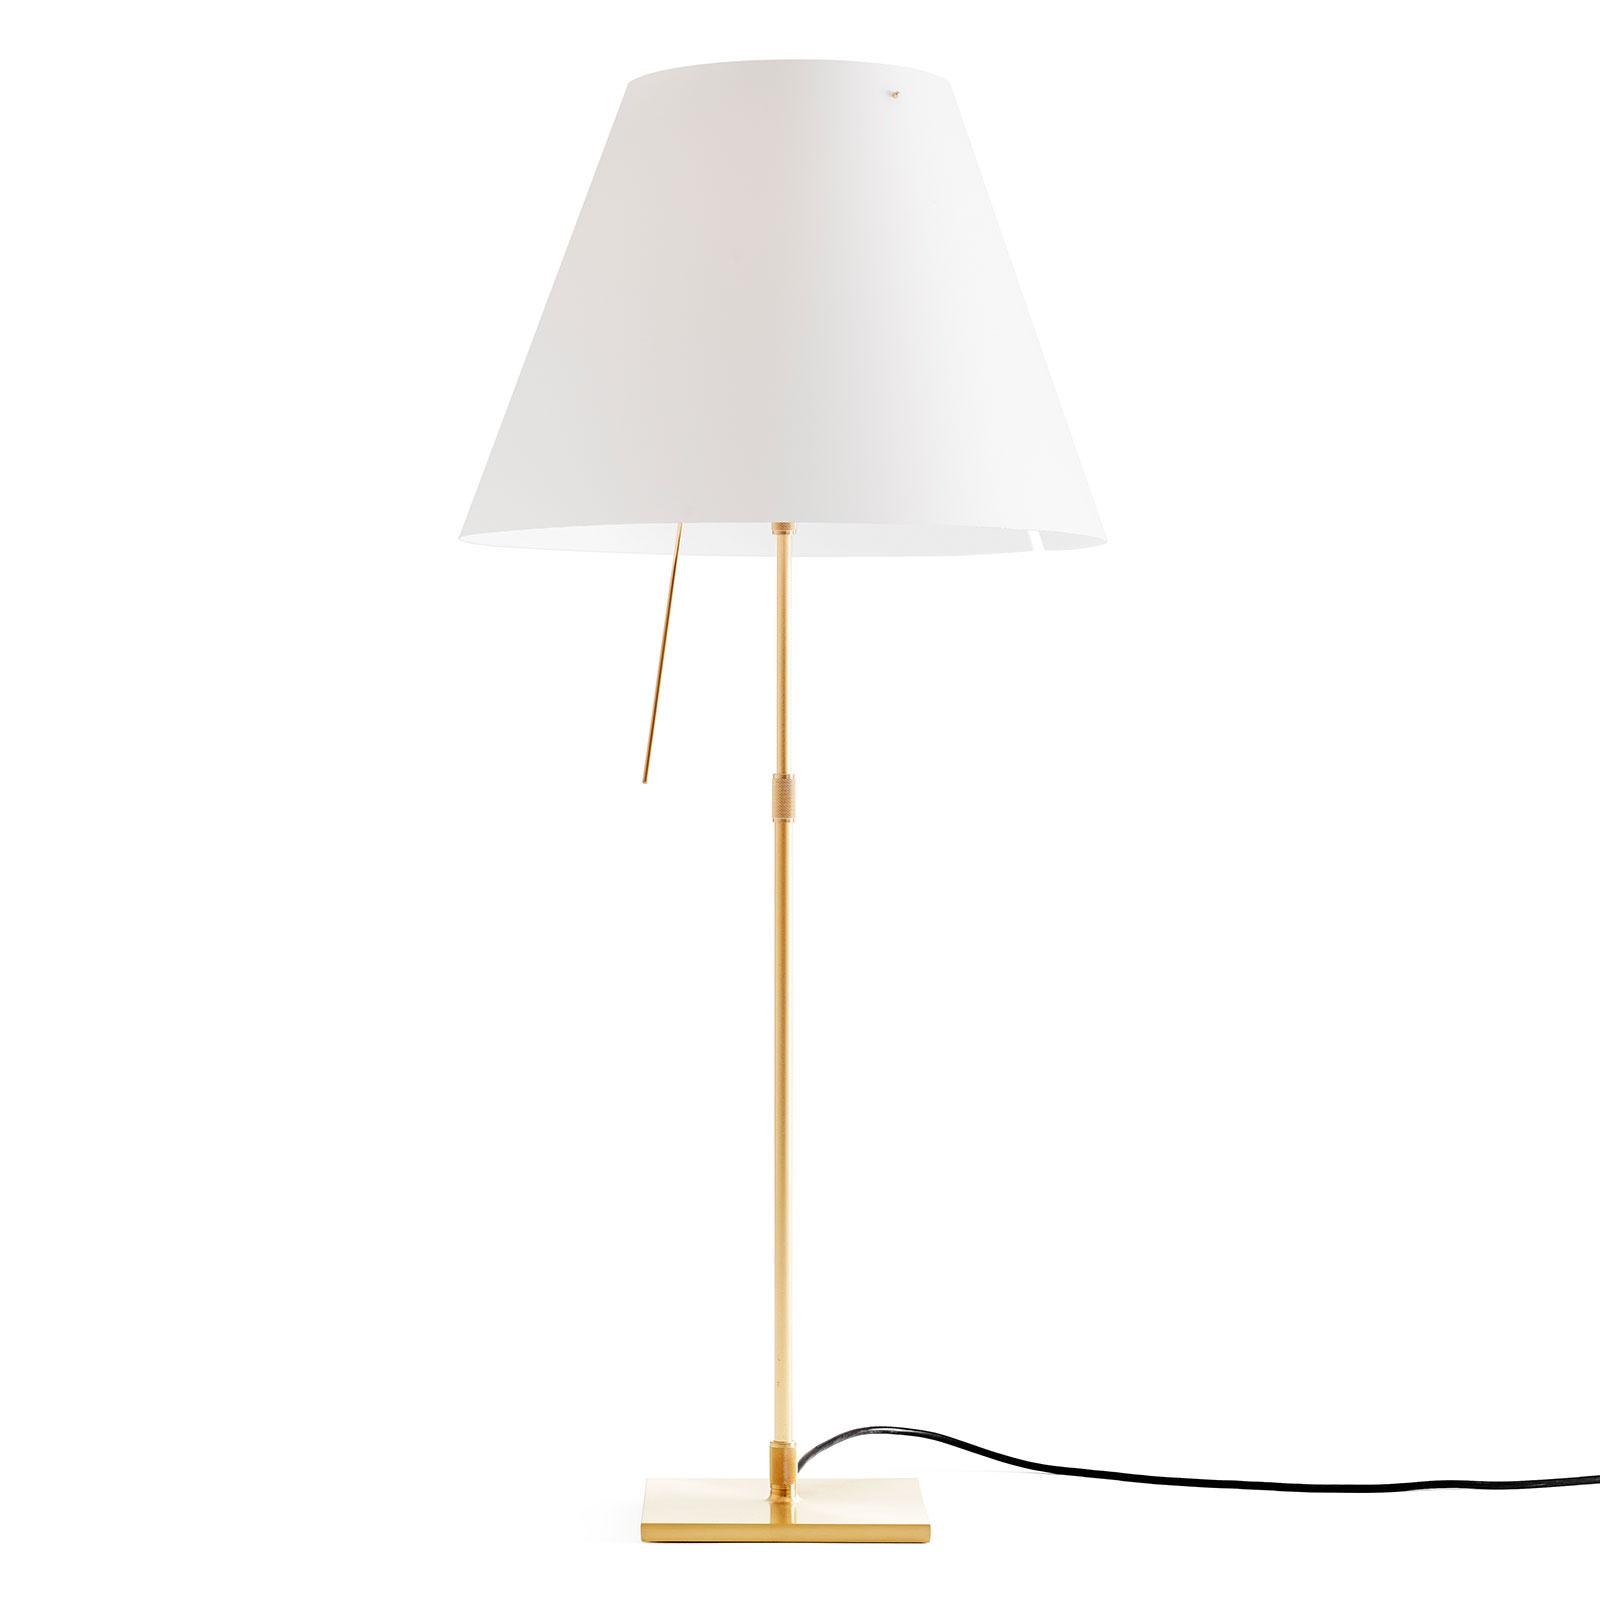 Luceplan Costanza Tischlampe D13 messing/weiß